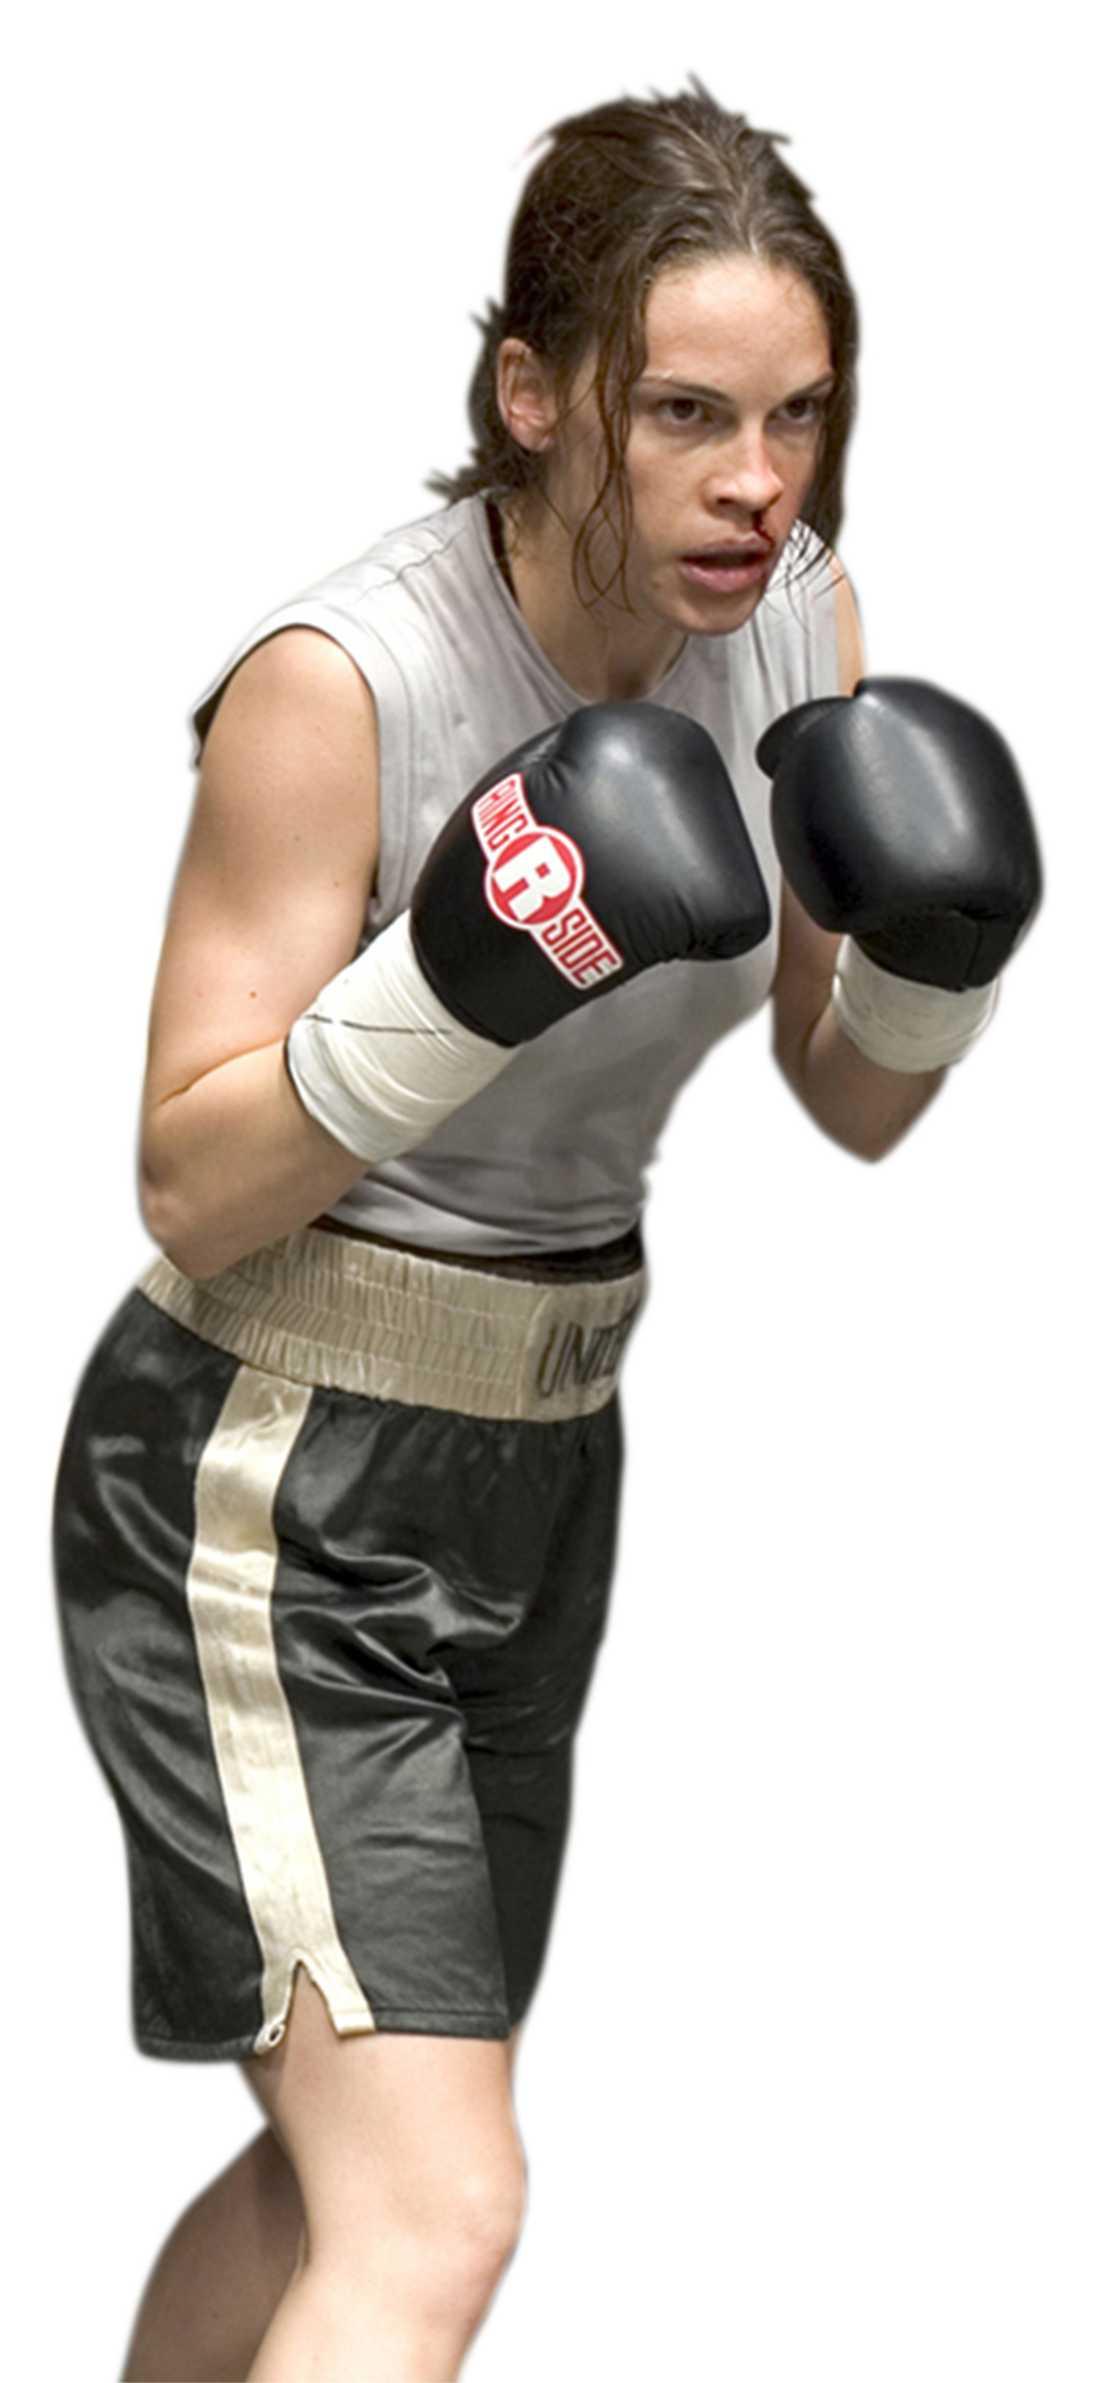 Hilary Swank genomgick ett hårt träningsprogram inför rollen som boxare.